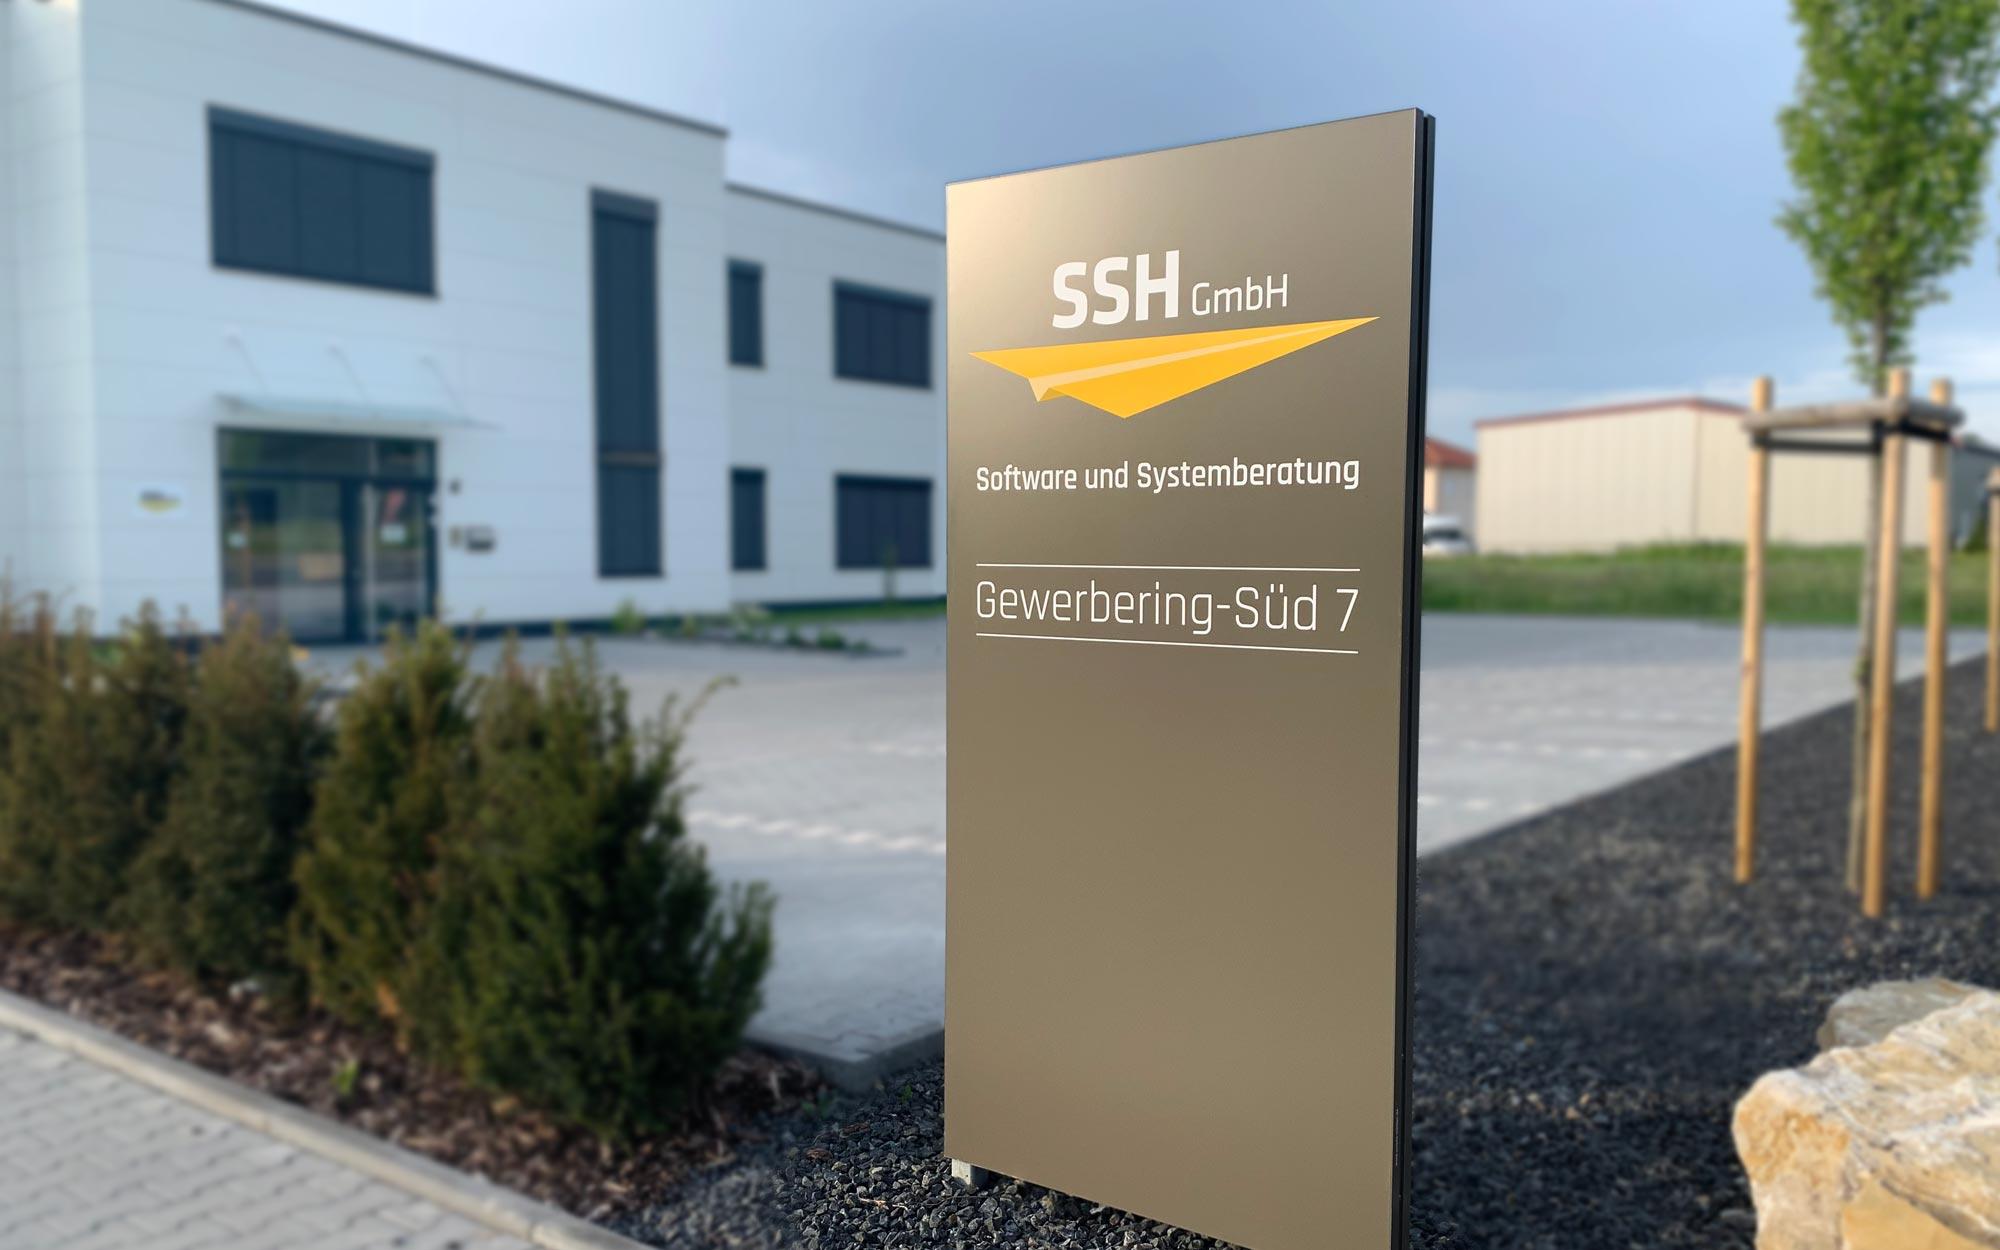 Premium Außenaufsteller bzw. Werbepylon für die SSH GmbH